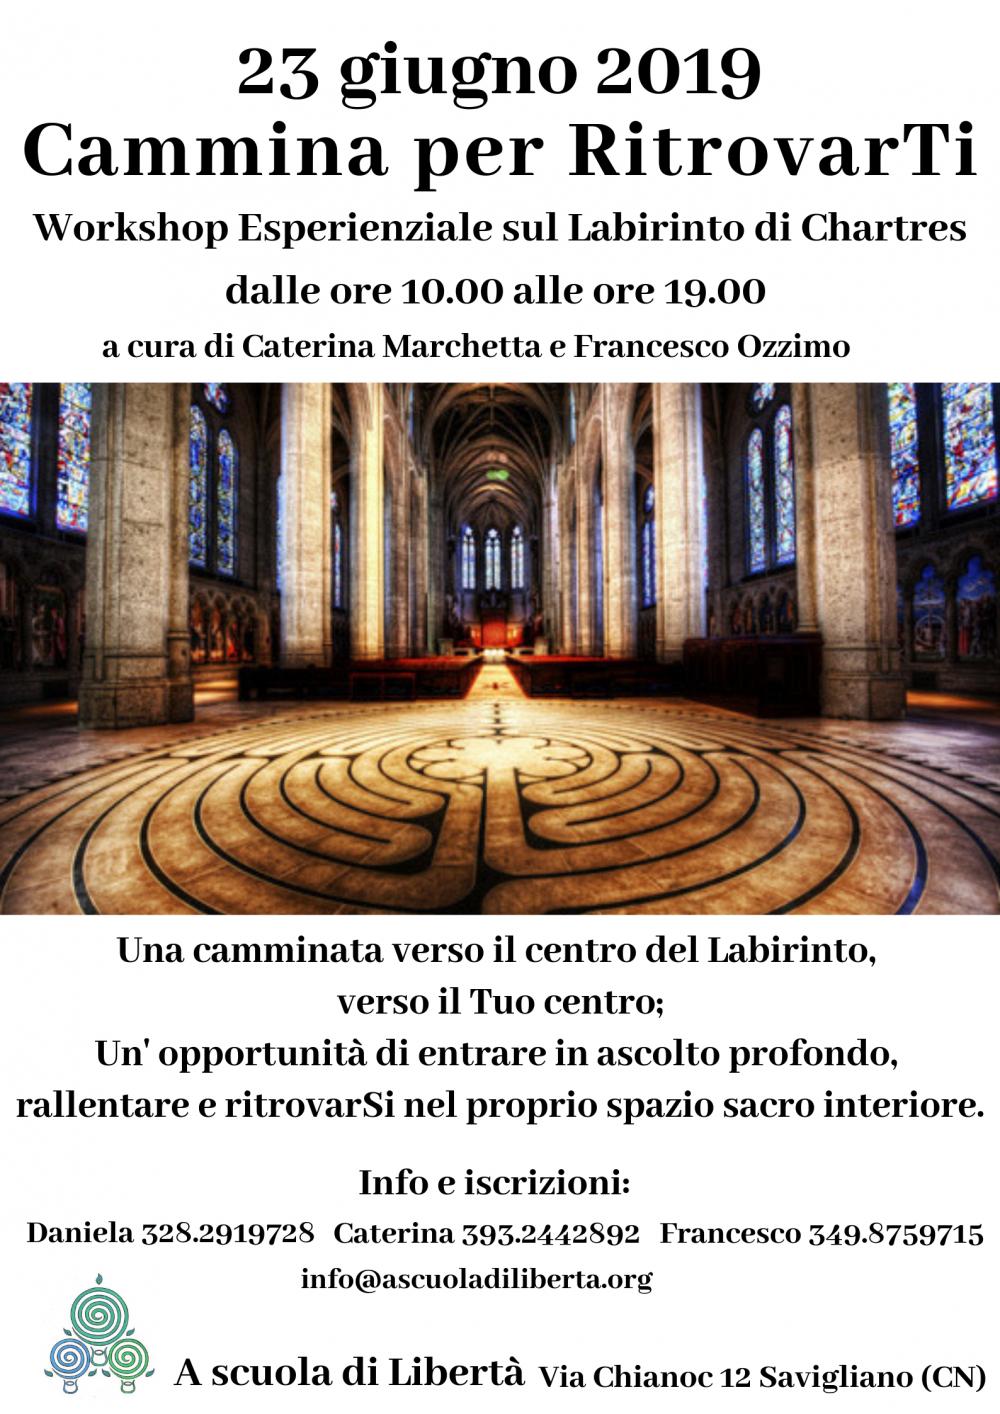 23 Giugno 2019 - Cammina per Ritrovarti @ A scuola di Libertà - Savigliano (Cn)